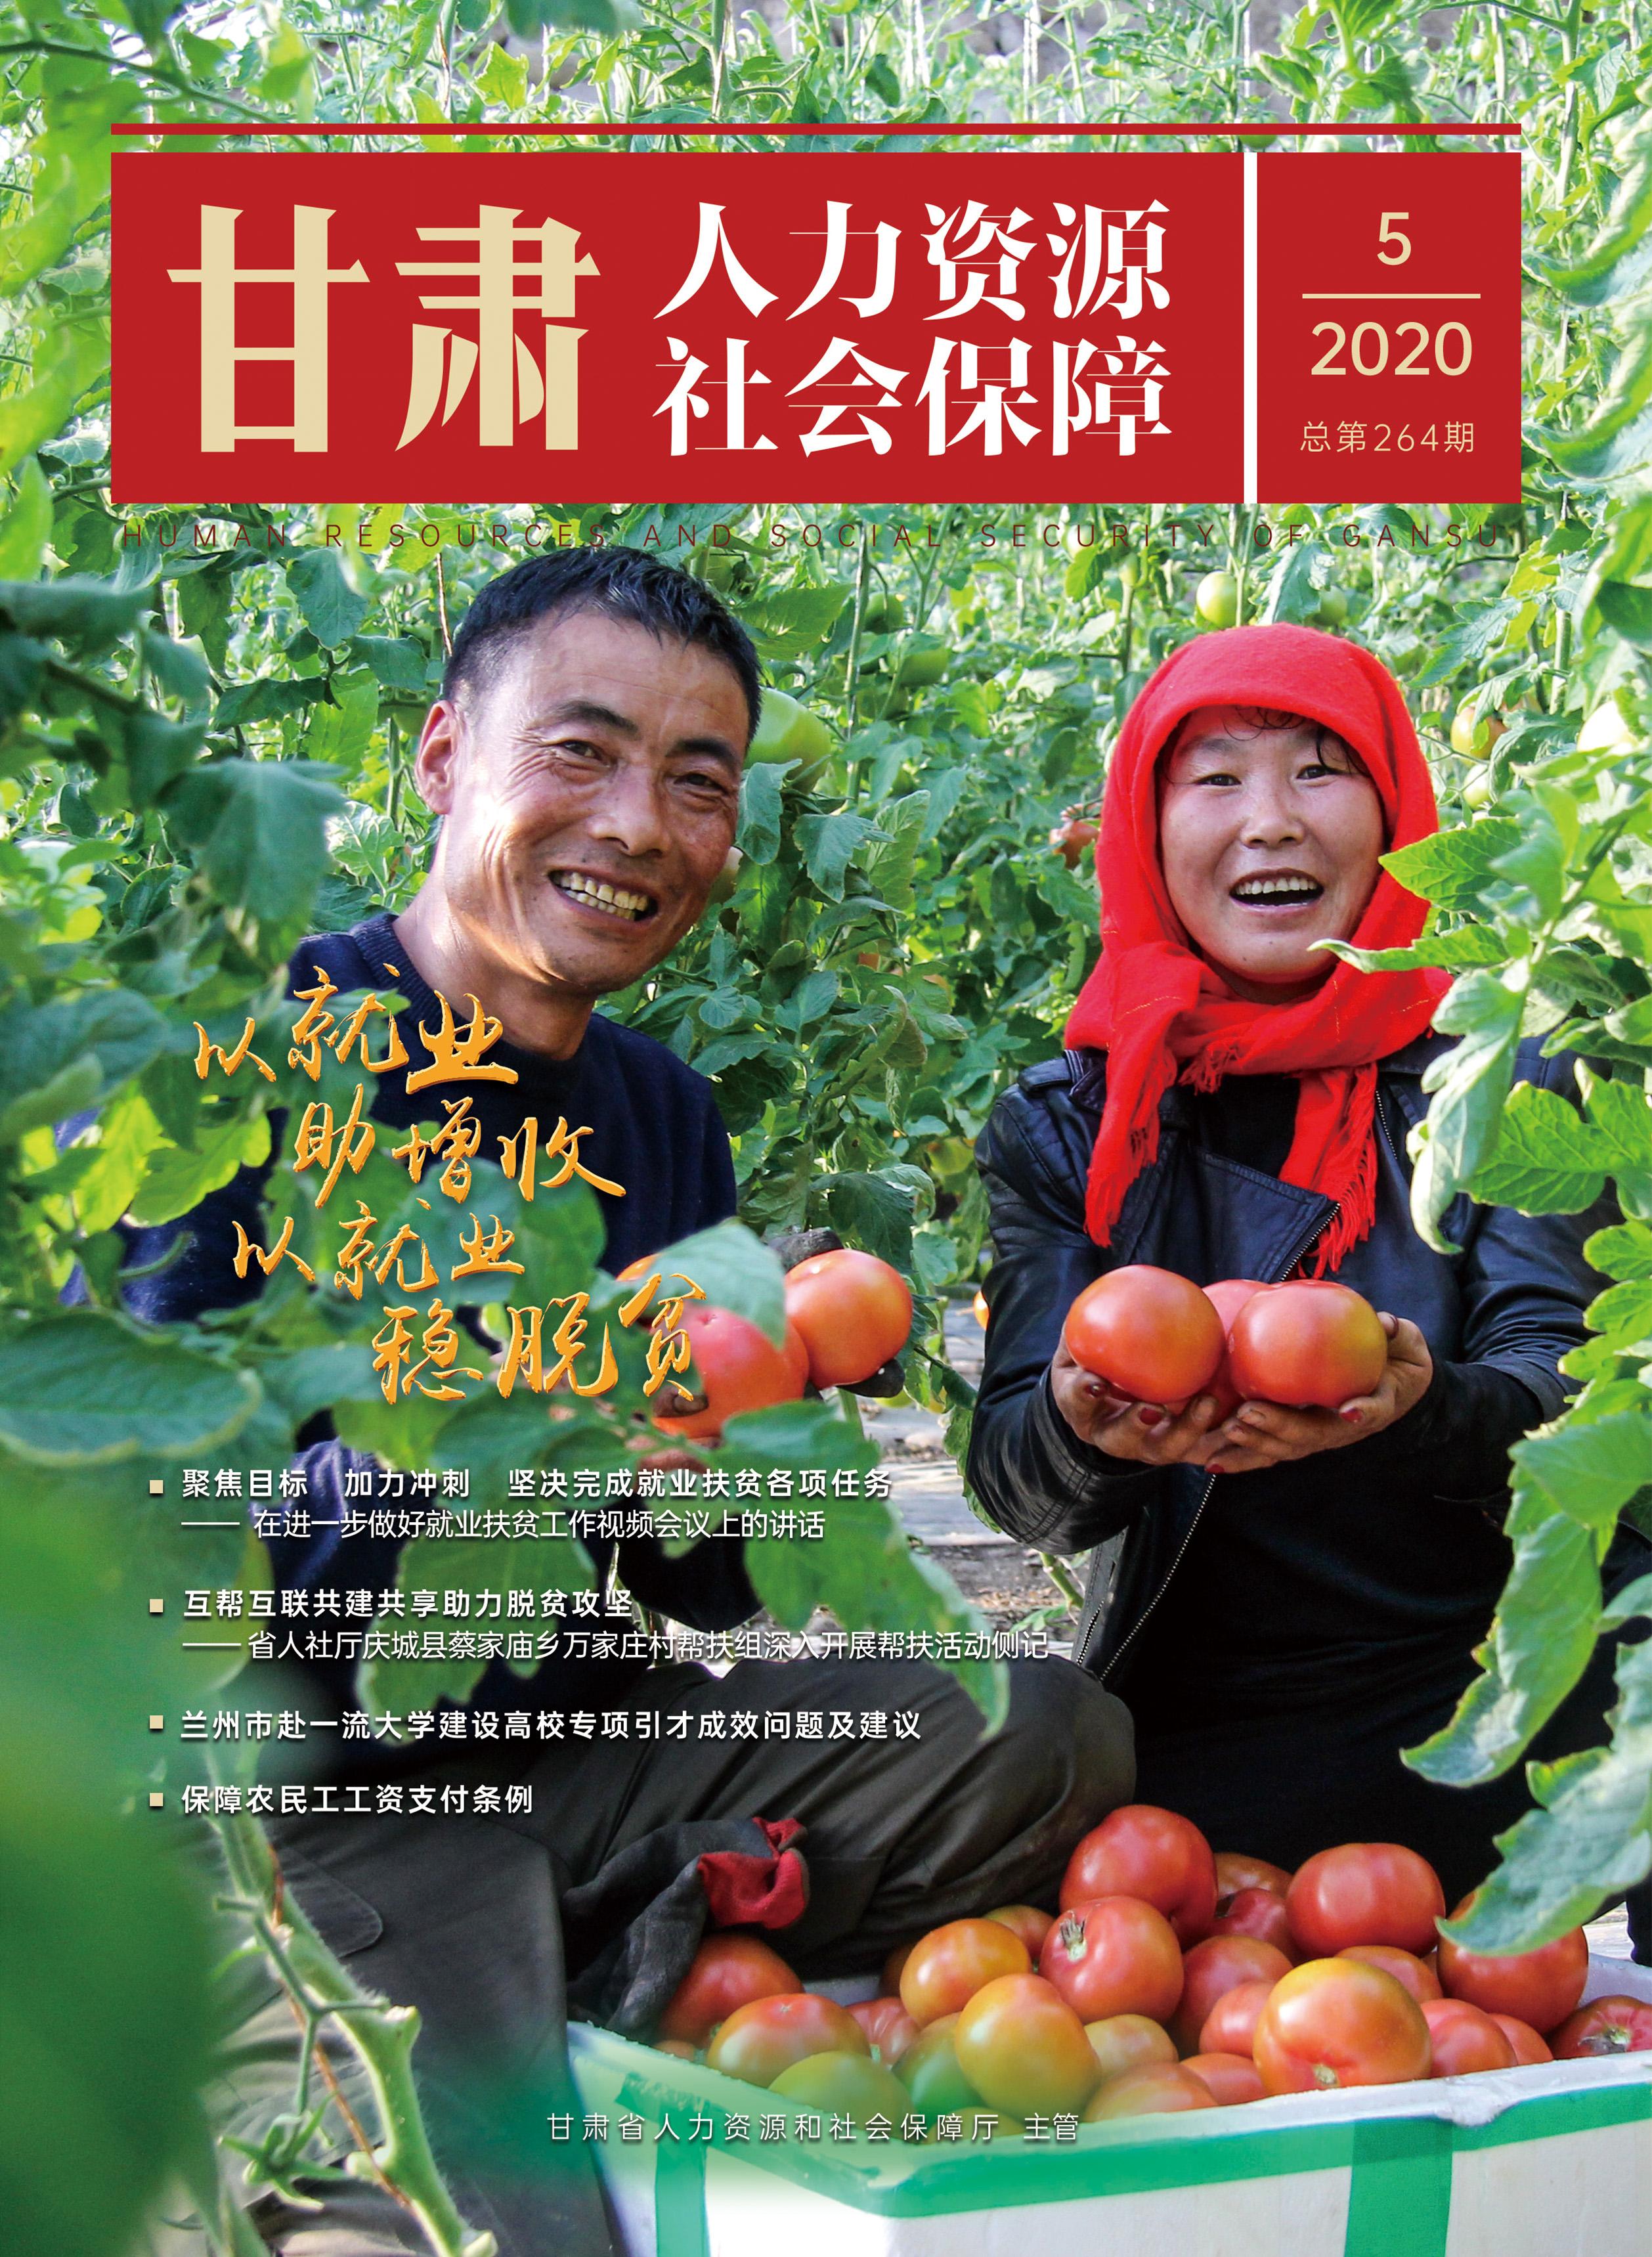 《人社》杂志2020年第五期